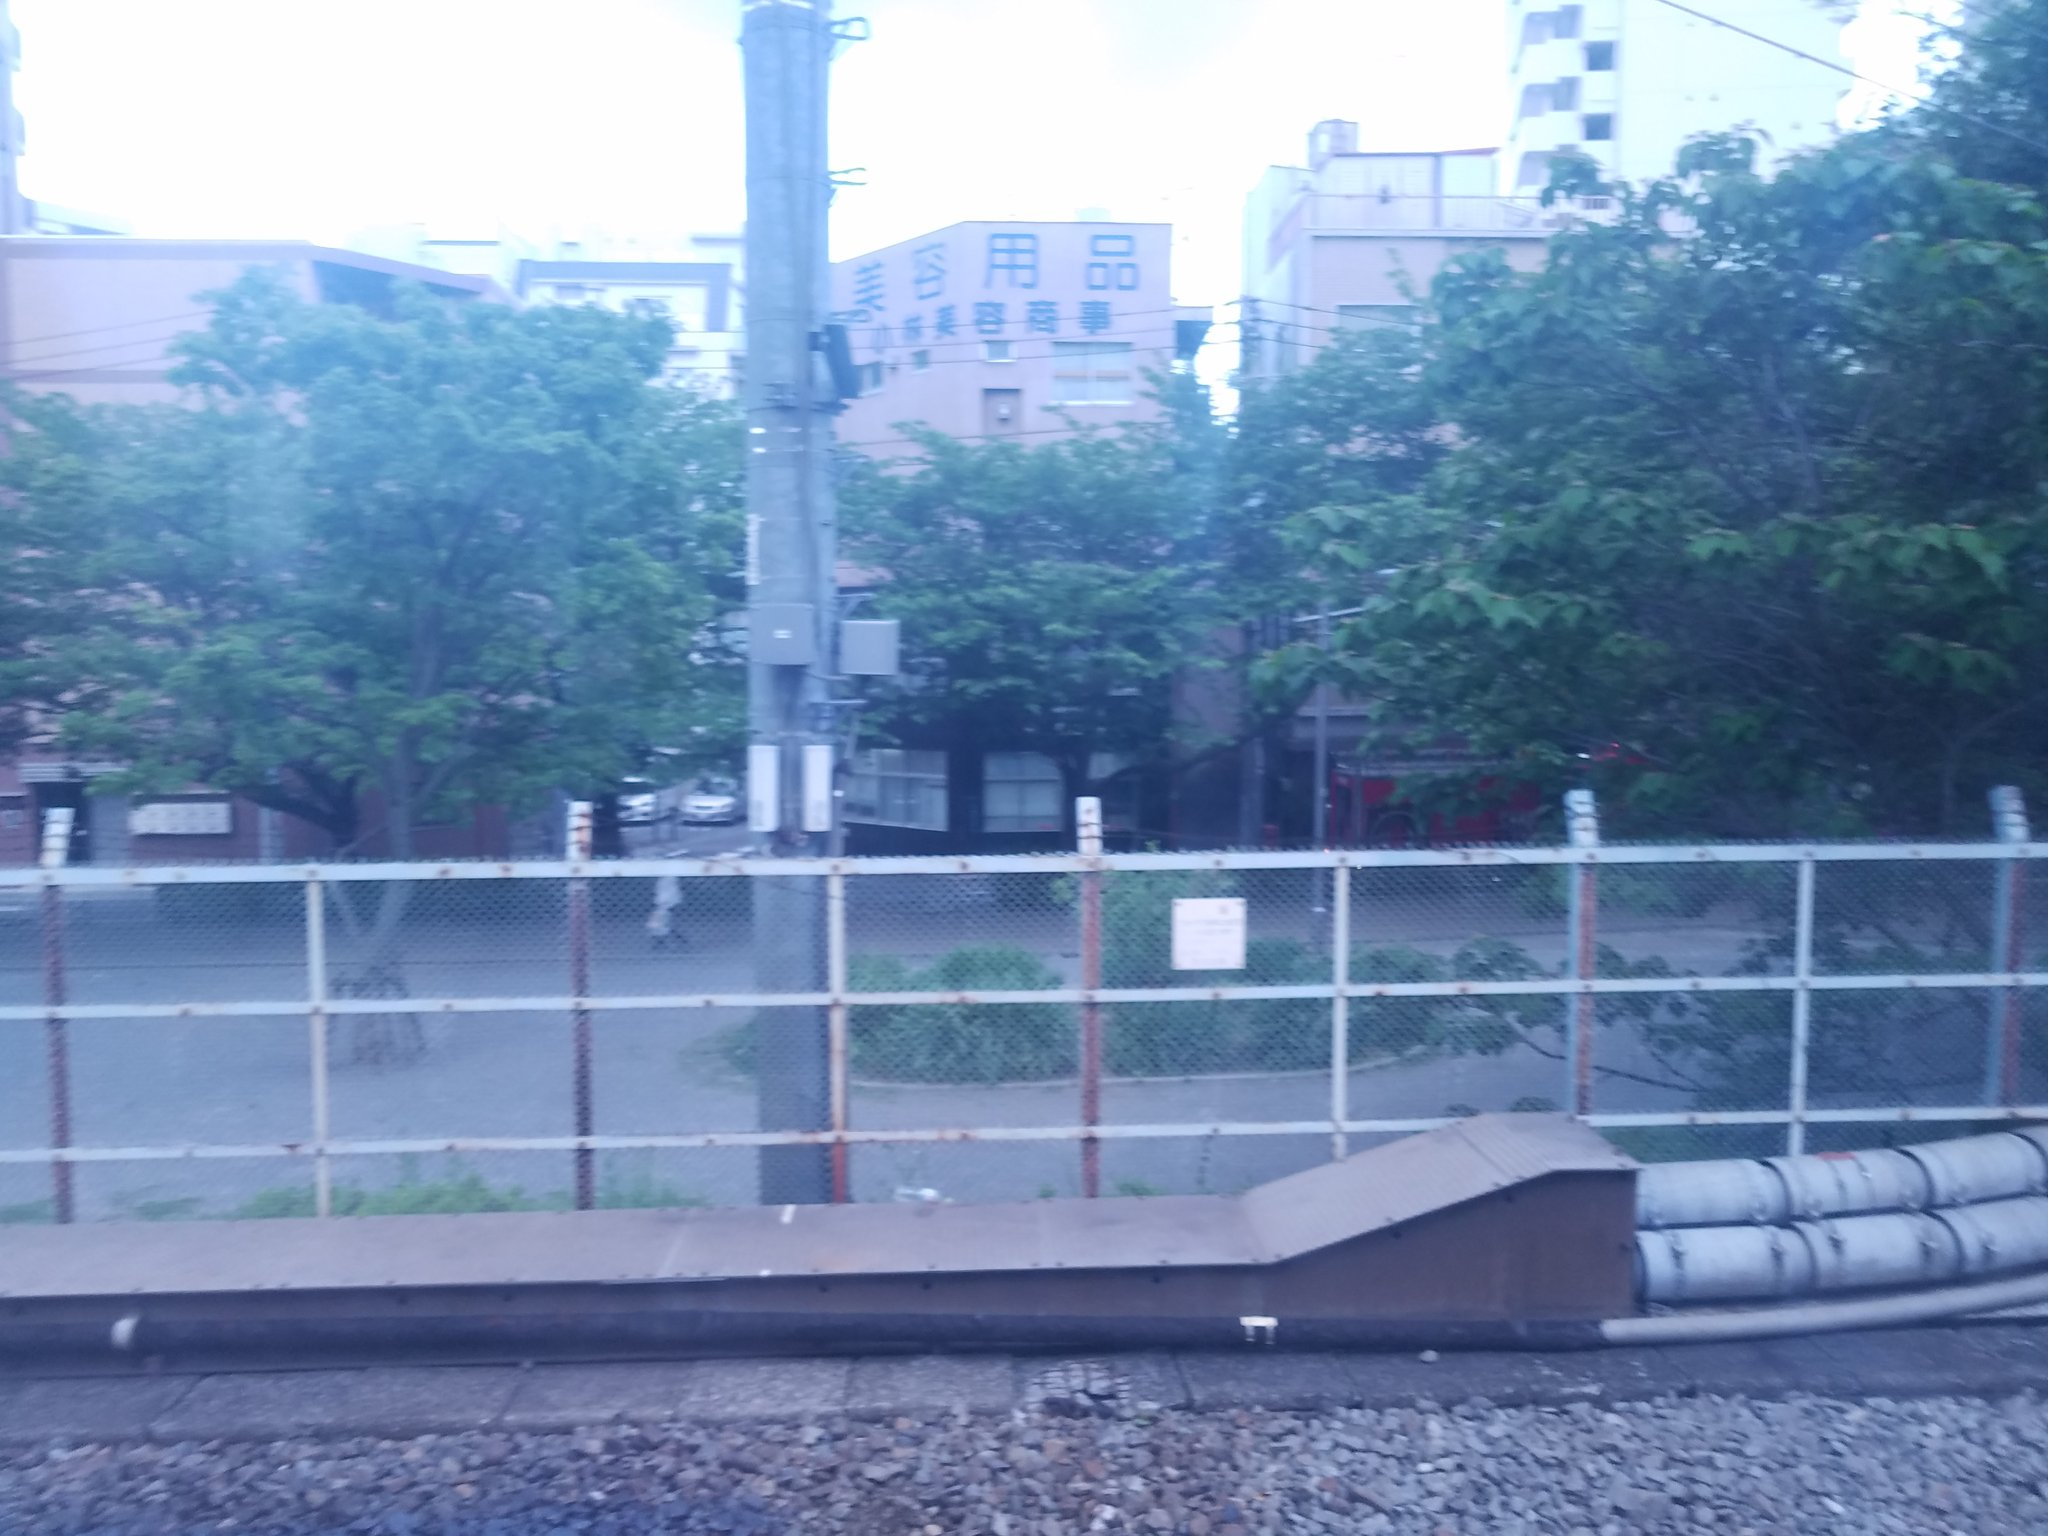 画像,特急踊り子114号東京行きに乗っているが、品川駅~川崎駅間の間で起きた人身事故の影響で、止まってしまった。2枚目の消防車が関係ありそう。運転再開は18時50分頃…